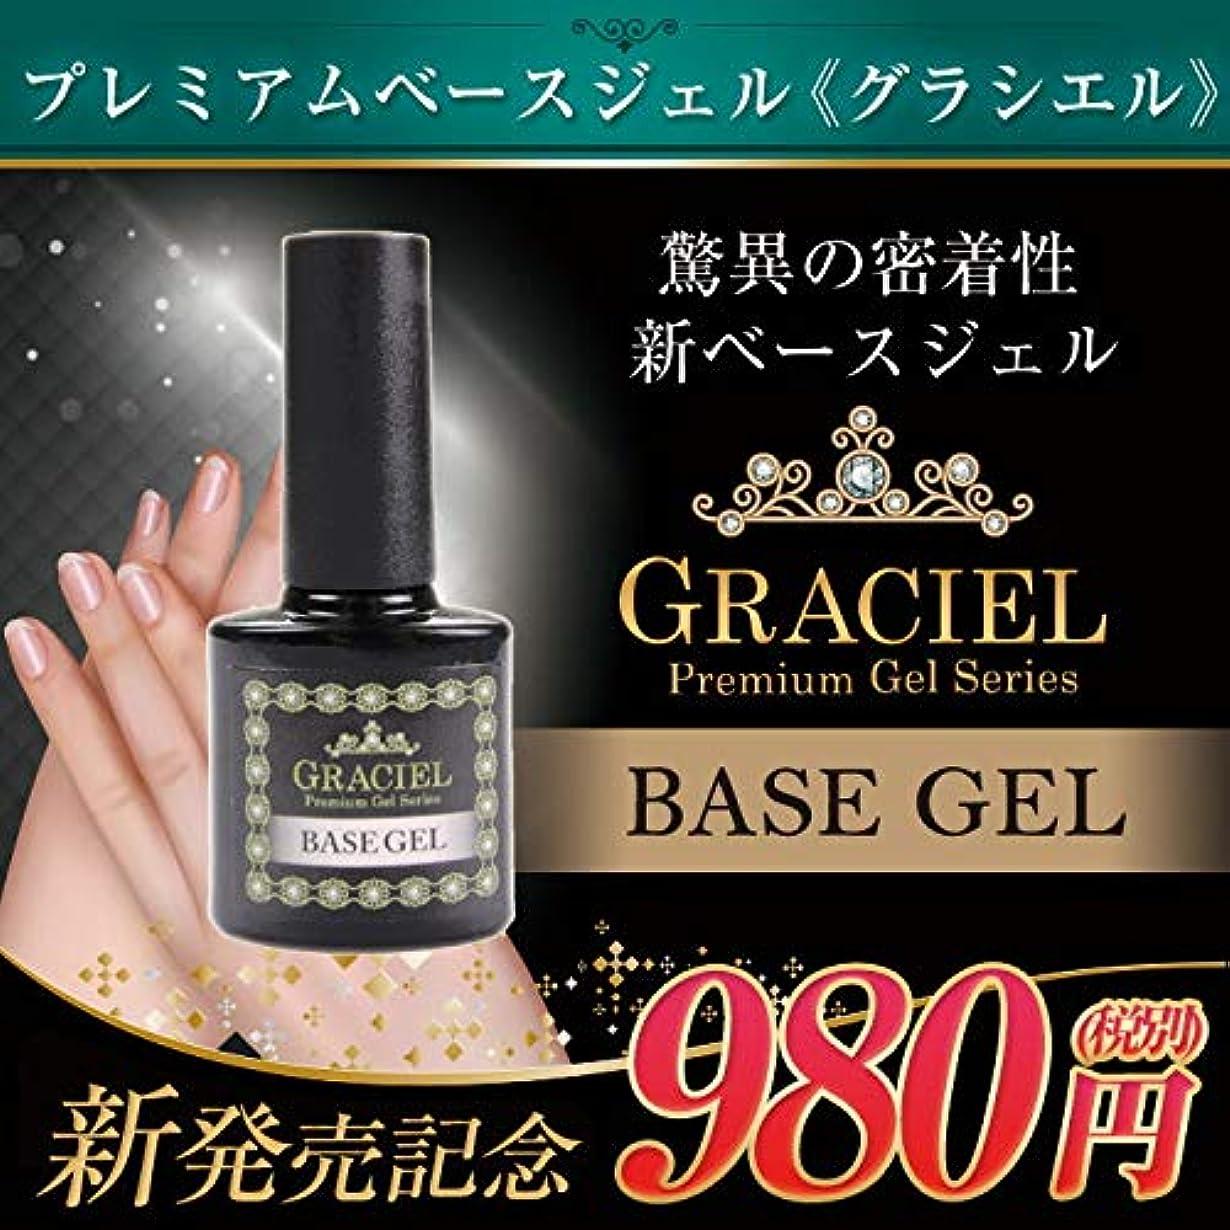 受け取る珍味まっすぐGRACIEL ベースジェル 8ml ジェルネイル ベースコート